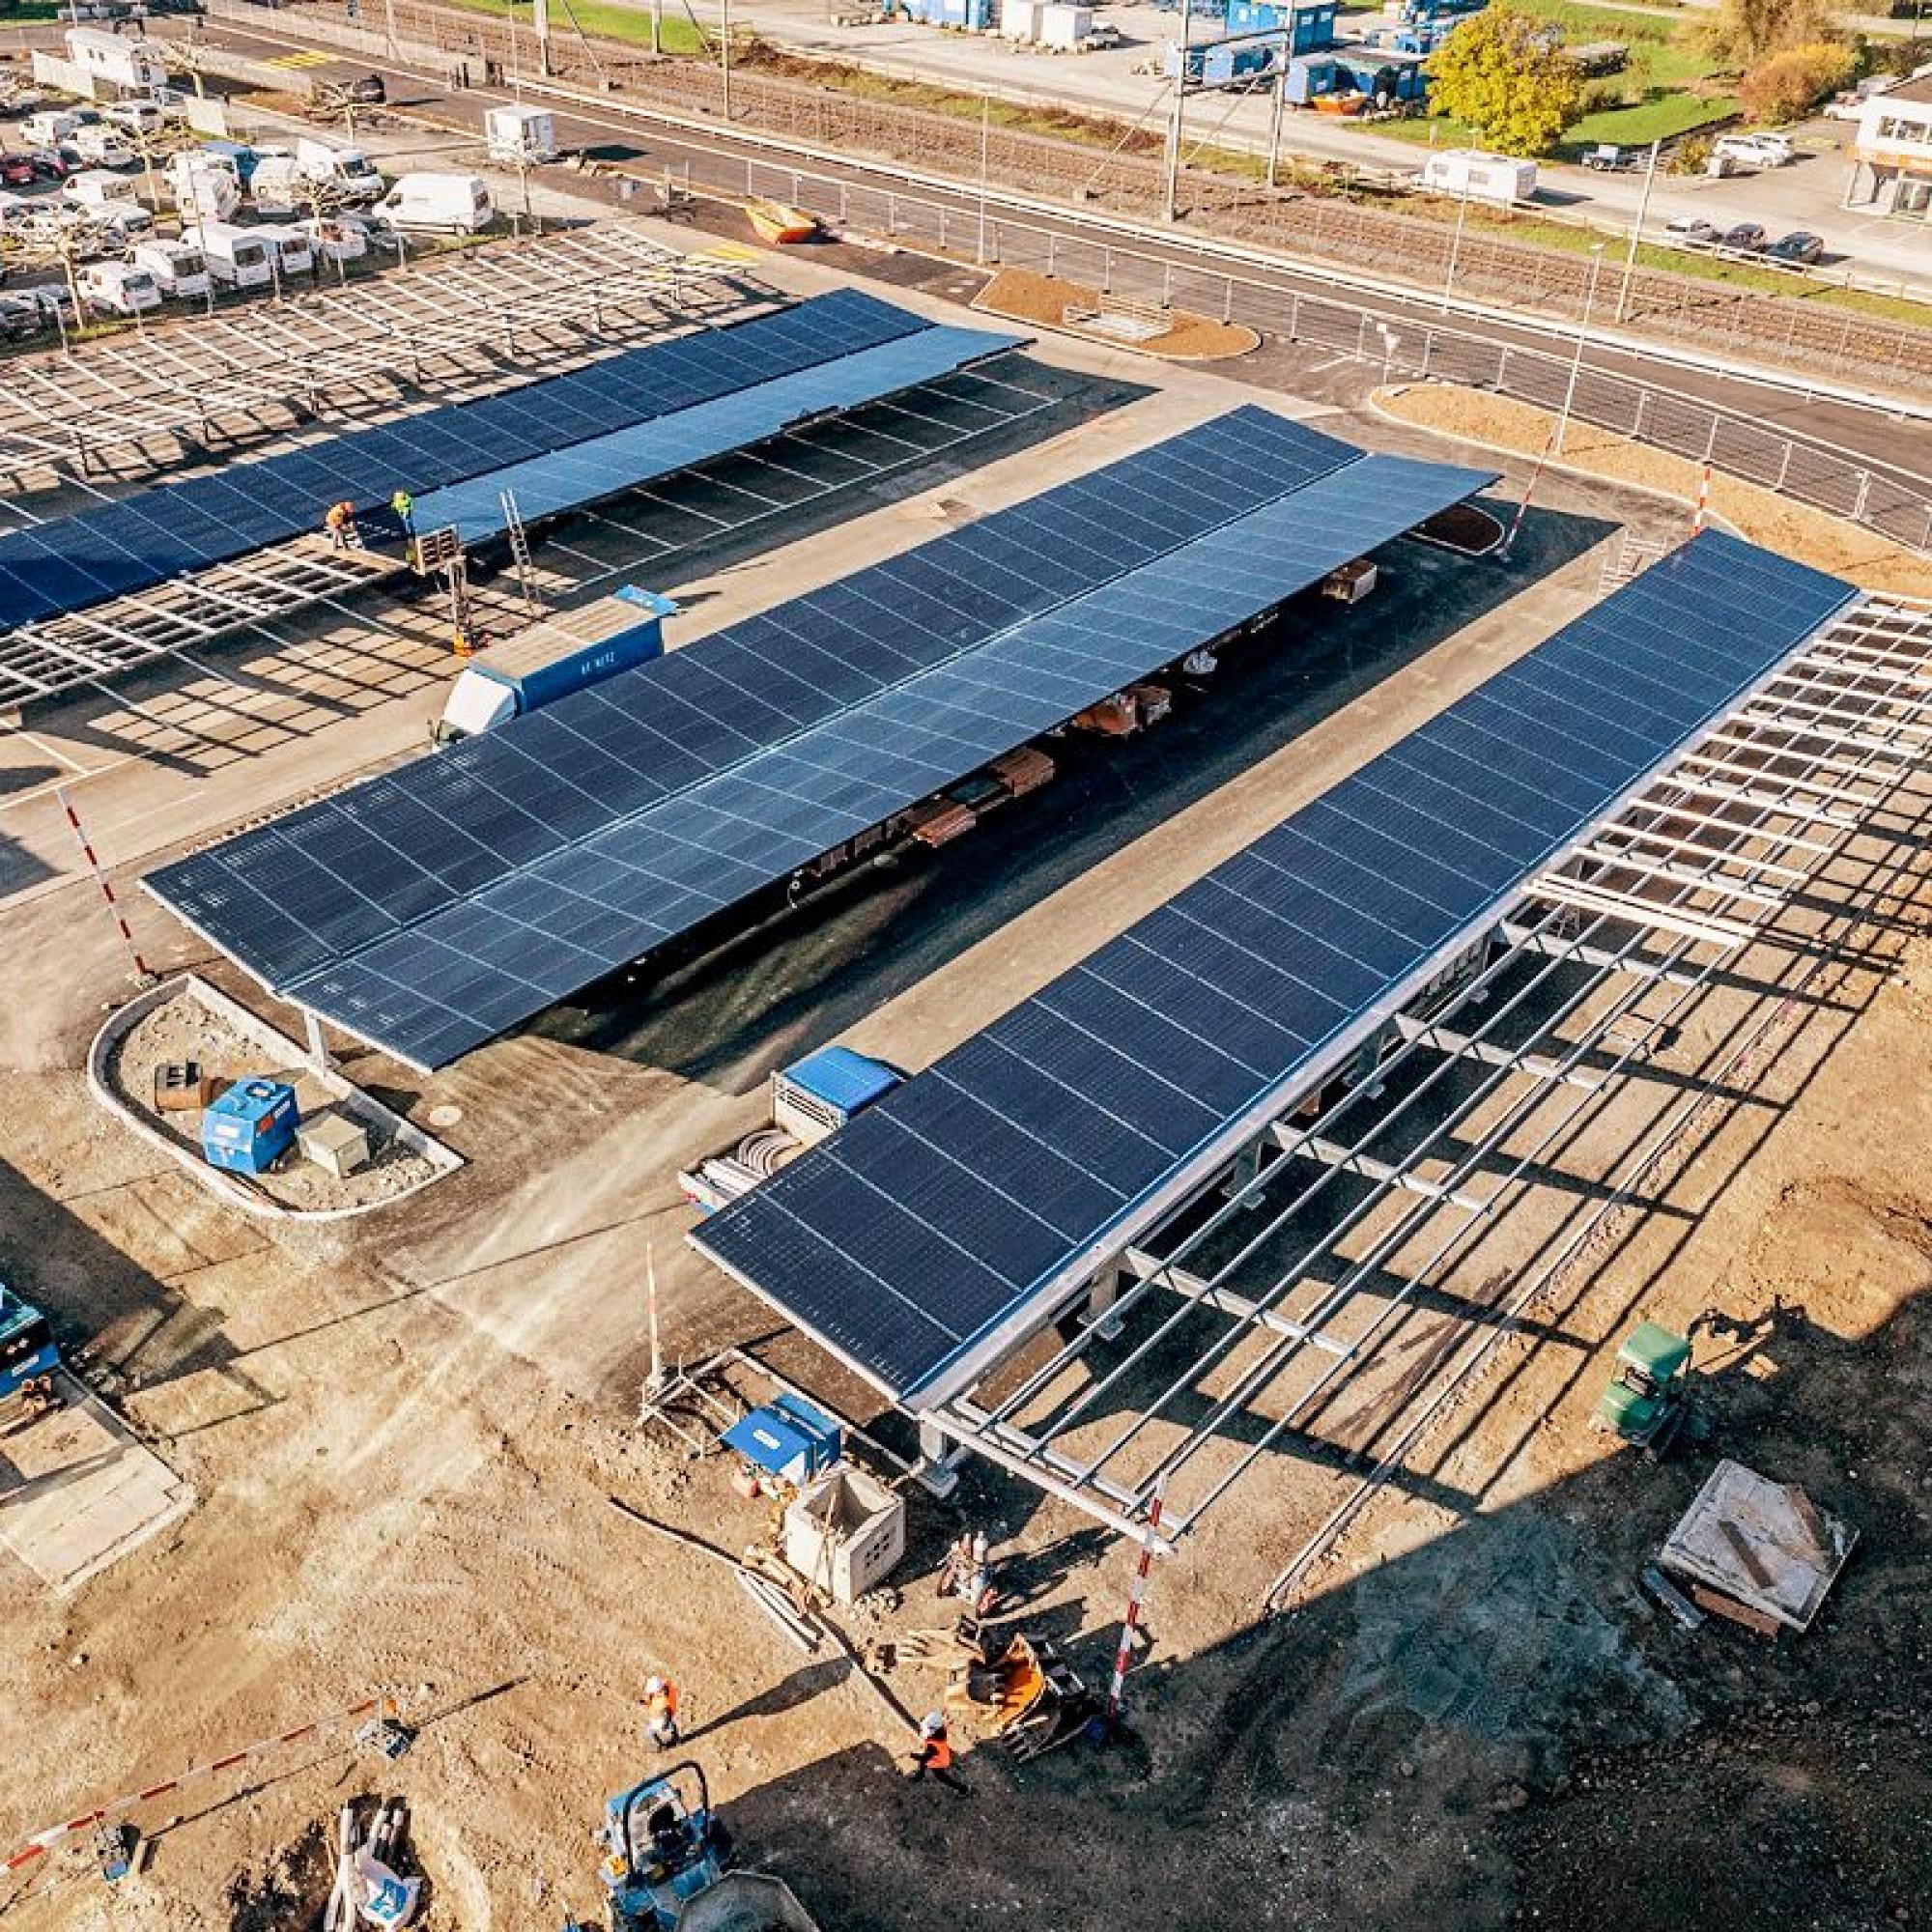 Die Vormontage der Photovoltaikmodule für das Dach des Carports.